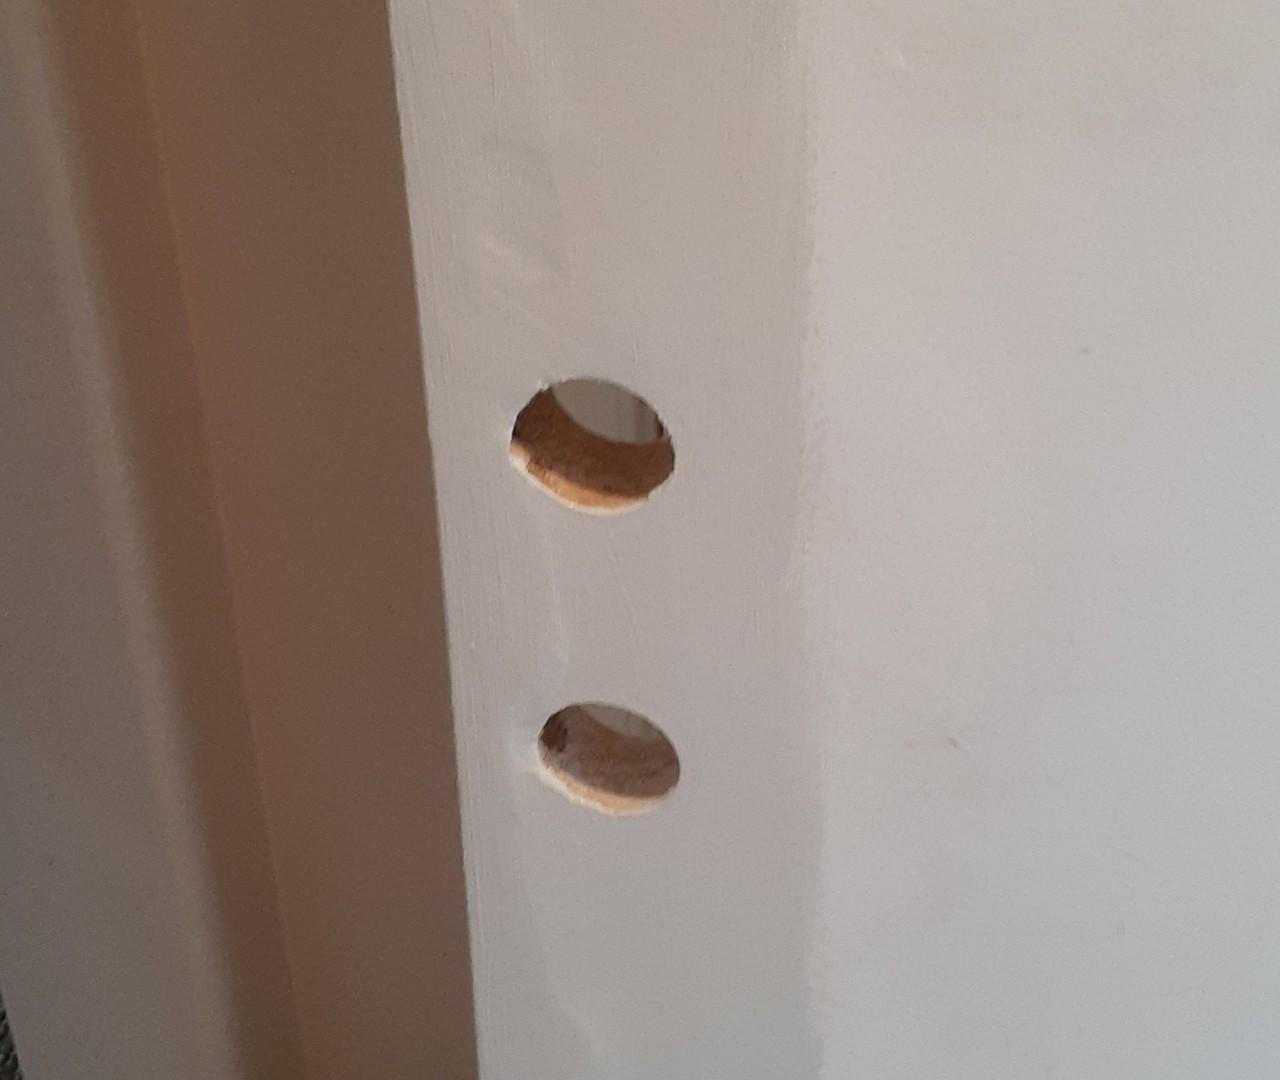 repair-and-maintenance-door-handle-repairs--fixing-02